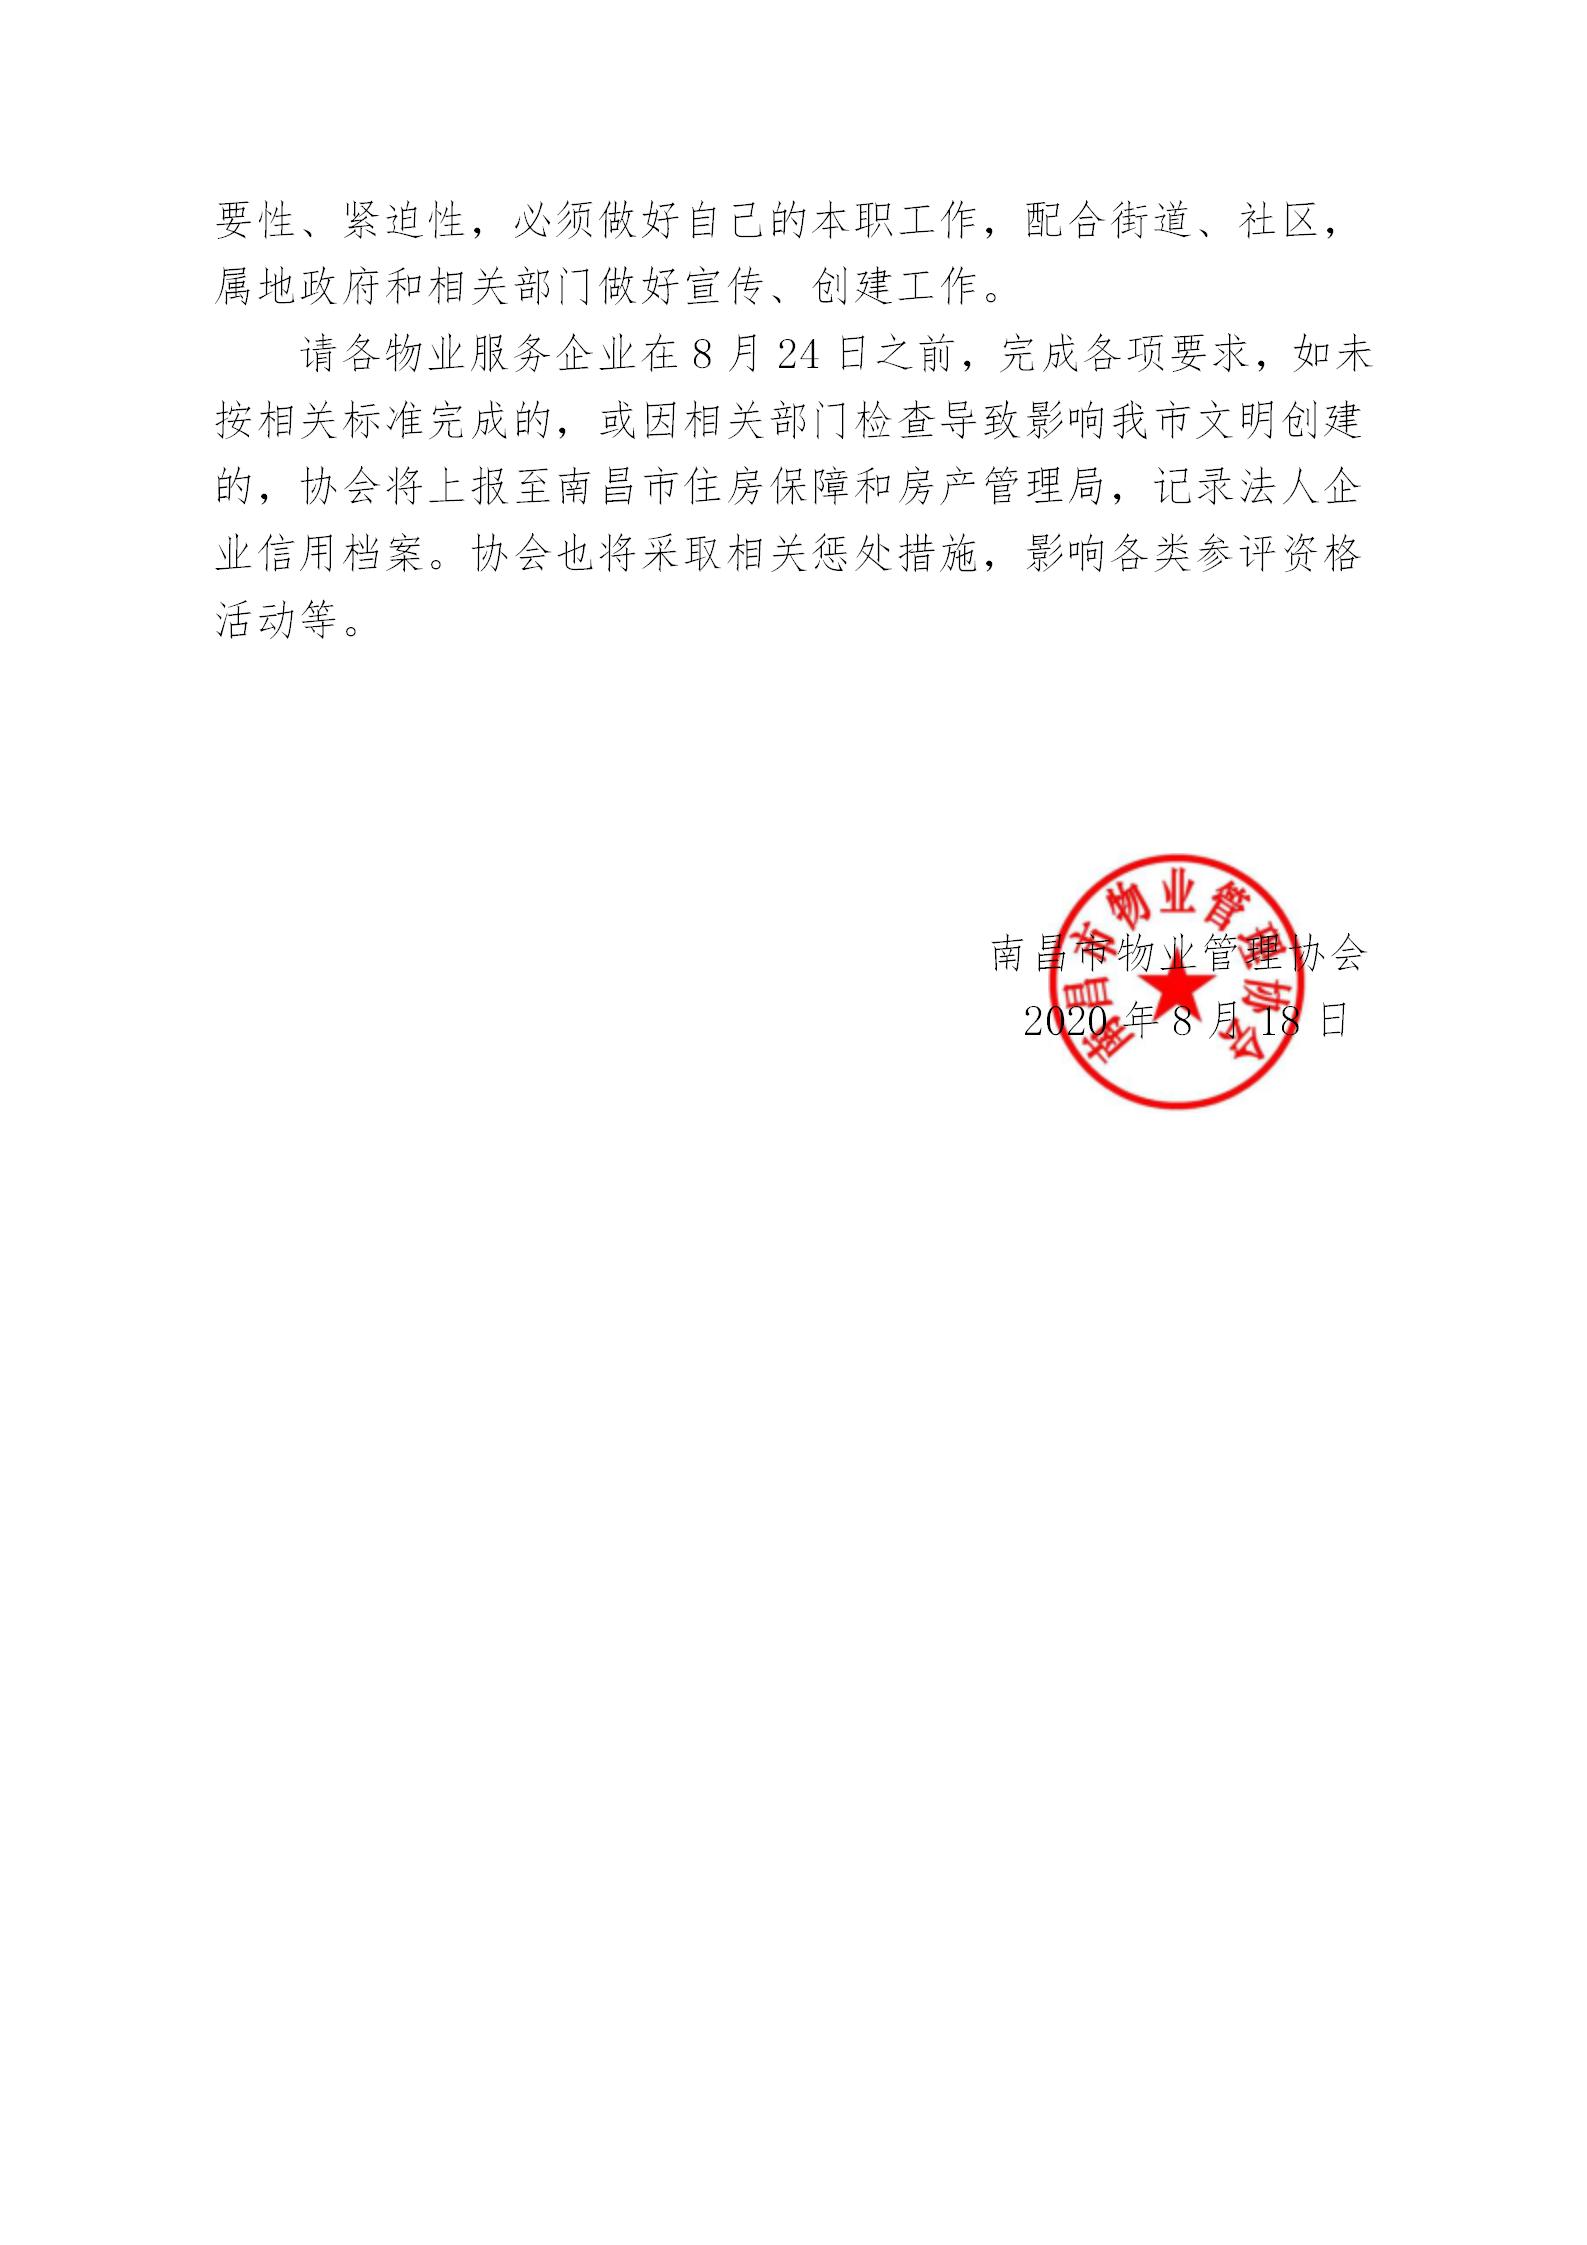 关于进一步做好物业服务行业文明创建公益广告工作的通知_02.png